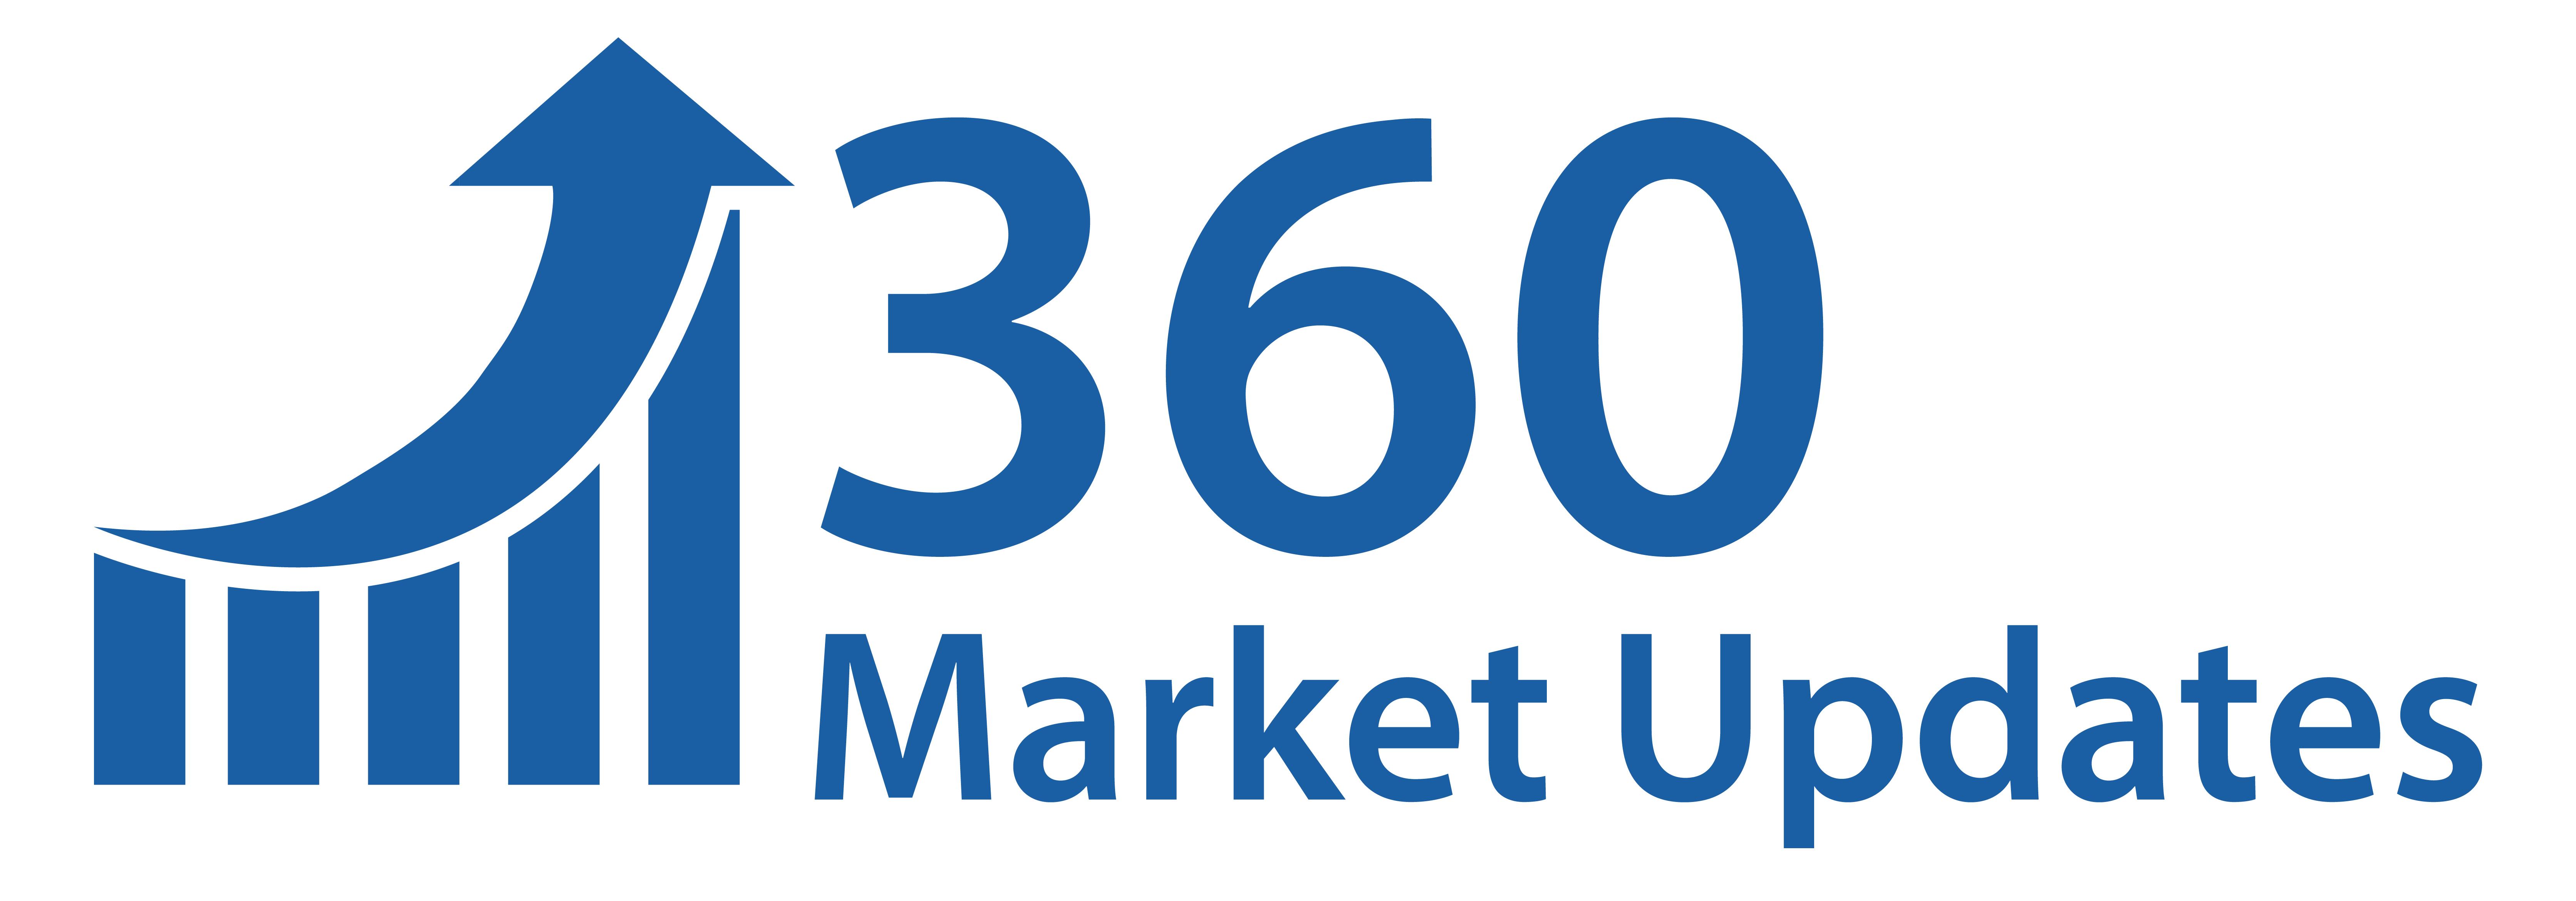 Global Basmati Rice Market 2020 Offre les données les plus récentes de l'industrie par taille, tendances futures de l'industrie, les ventes, le chiffre d'affaires, le taux de croissance par types et applications Prévisions jusqu'en 2025 - Dit 360marketupdates.com